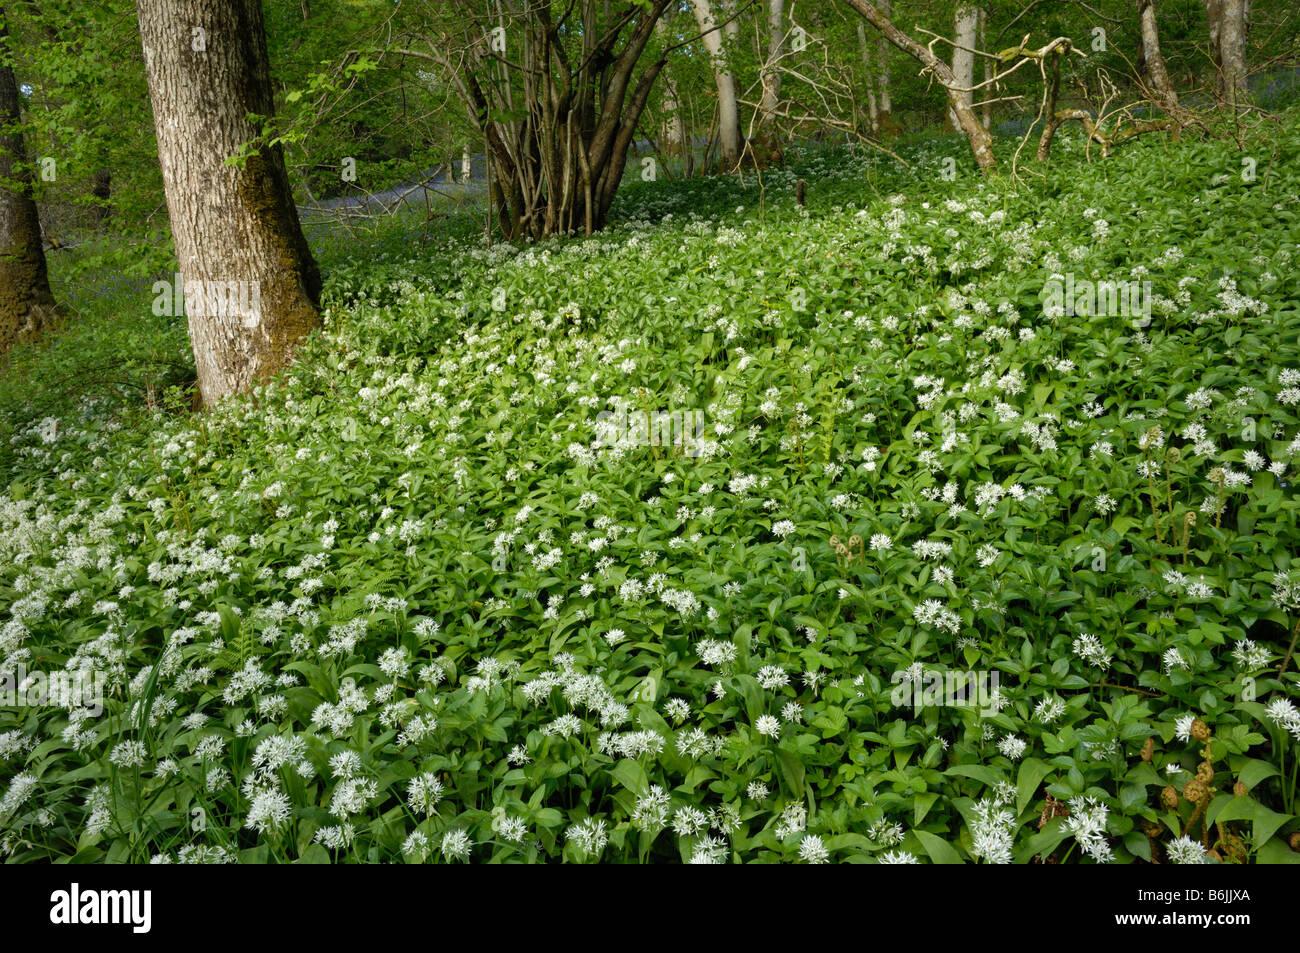 Ramsons ou ail sauvage, Allium ursinum, vallée de la flotte, Dumfries et Galloway, Écosse Banque D'Images